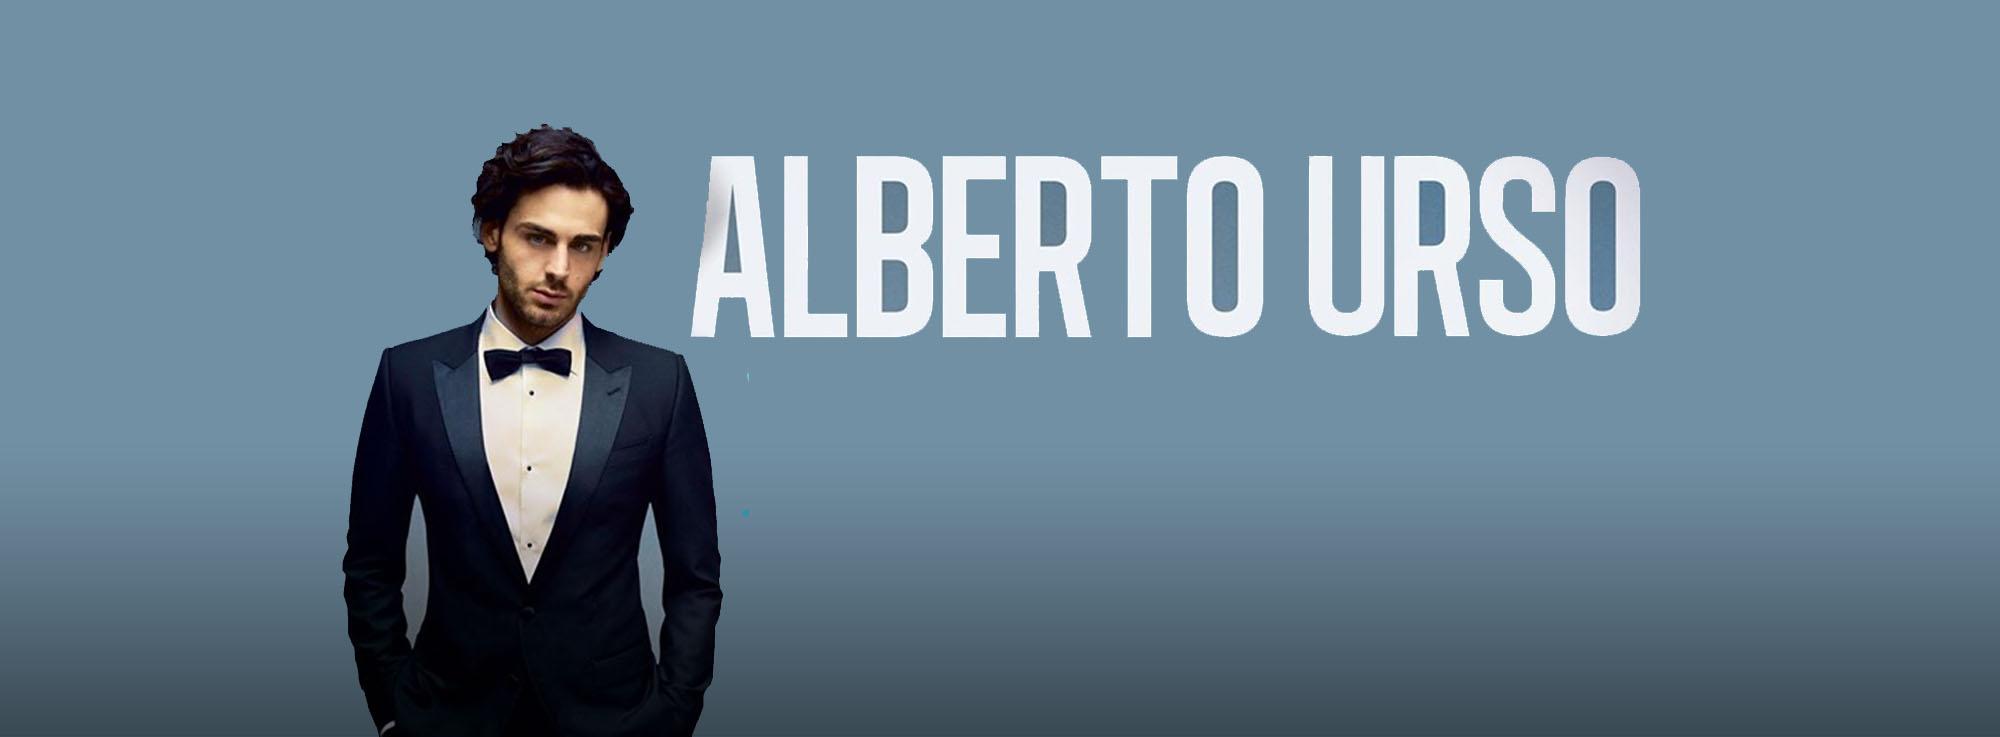 Bari: Solo live - Alberto Urso